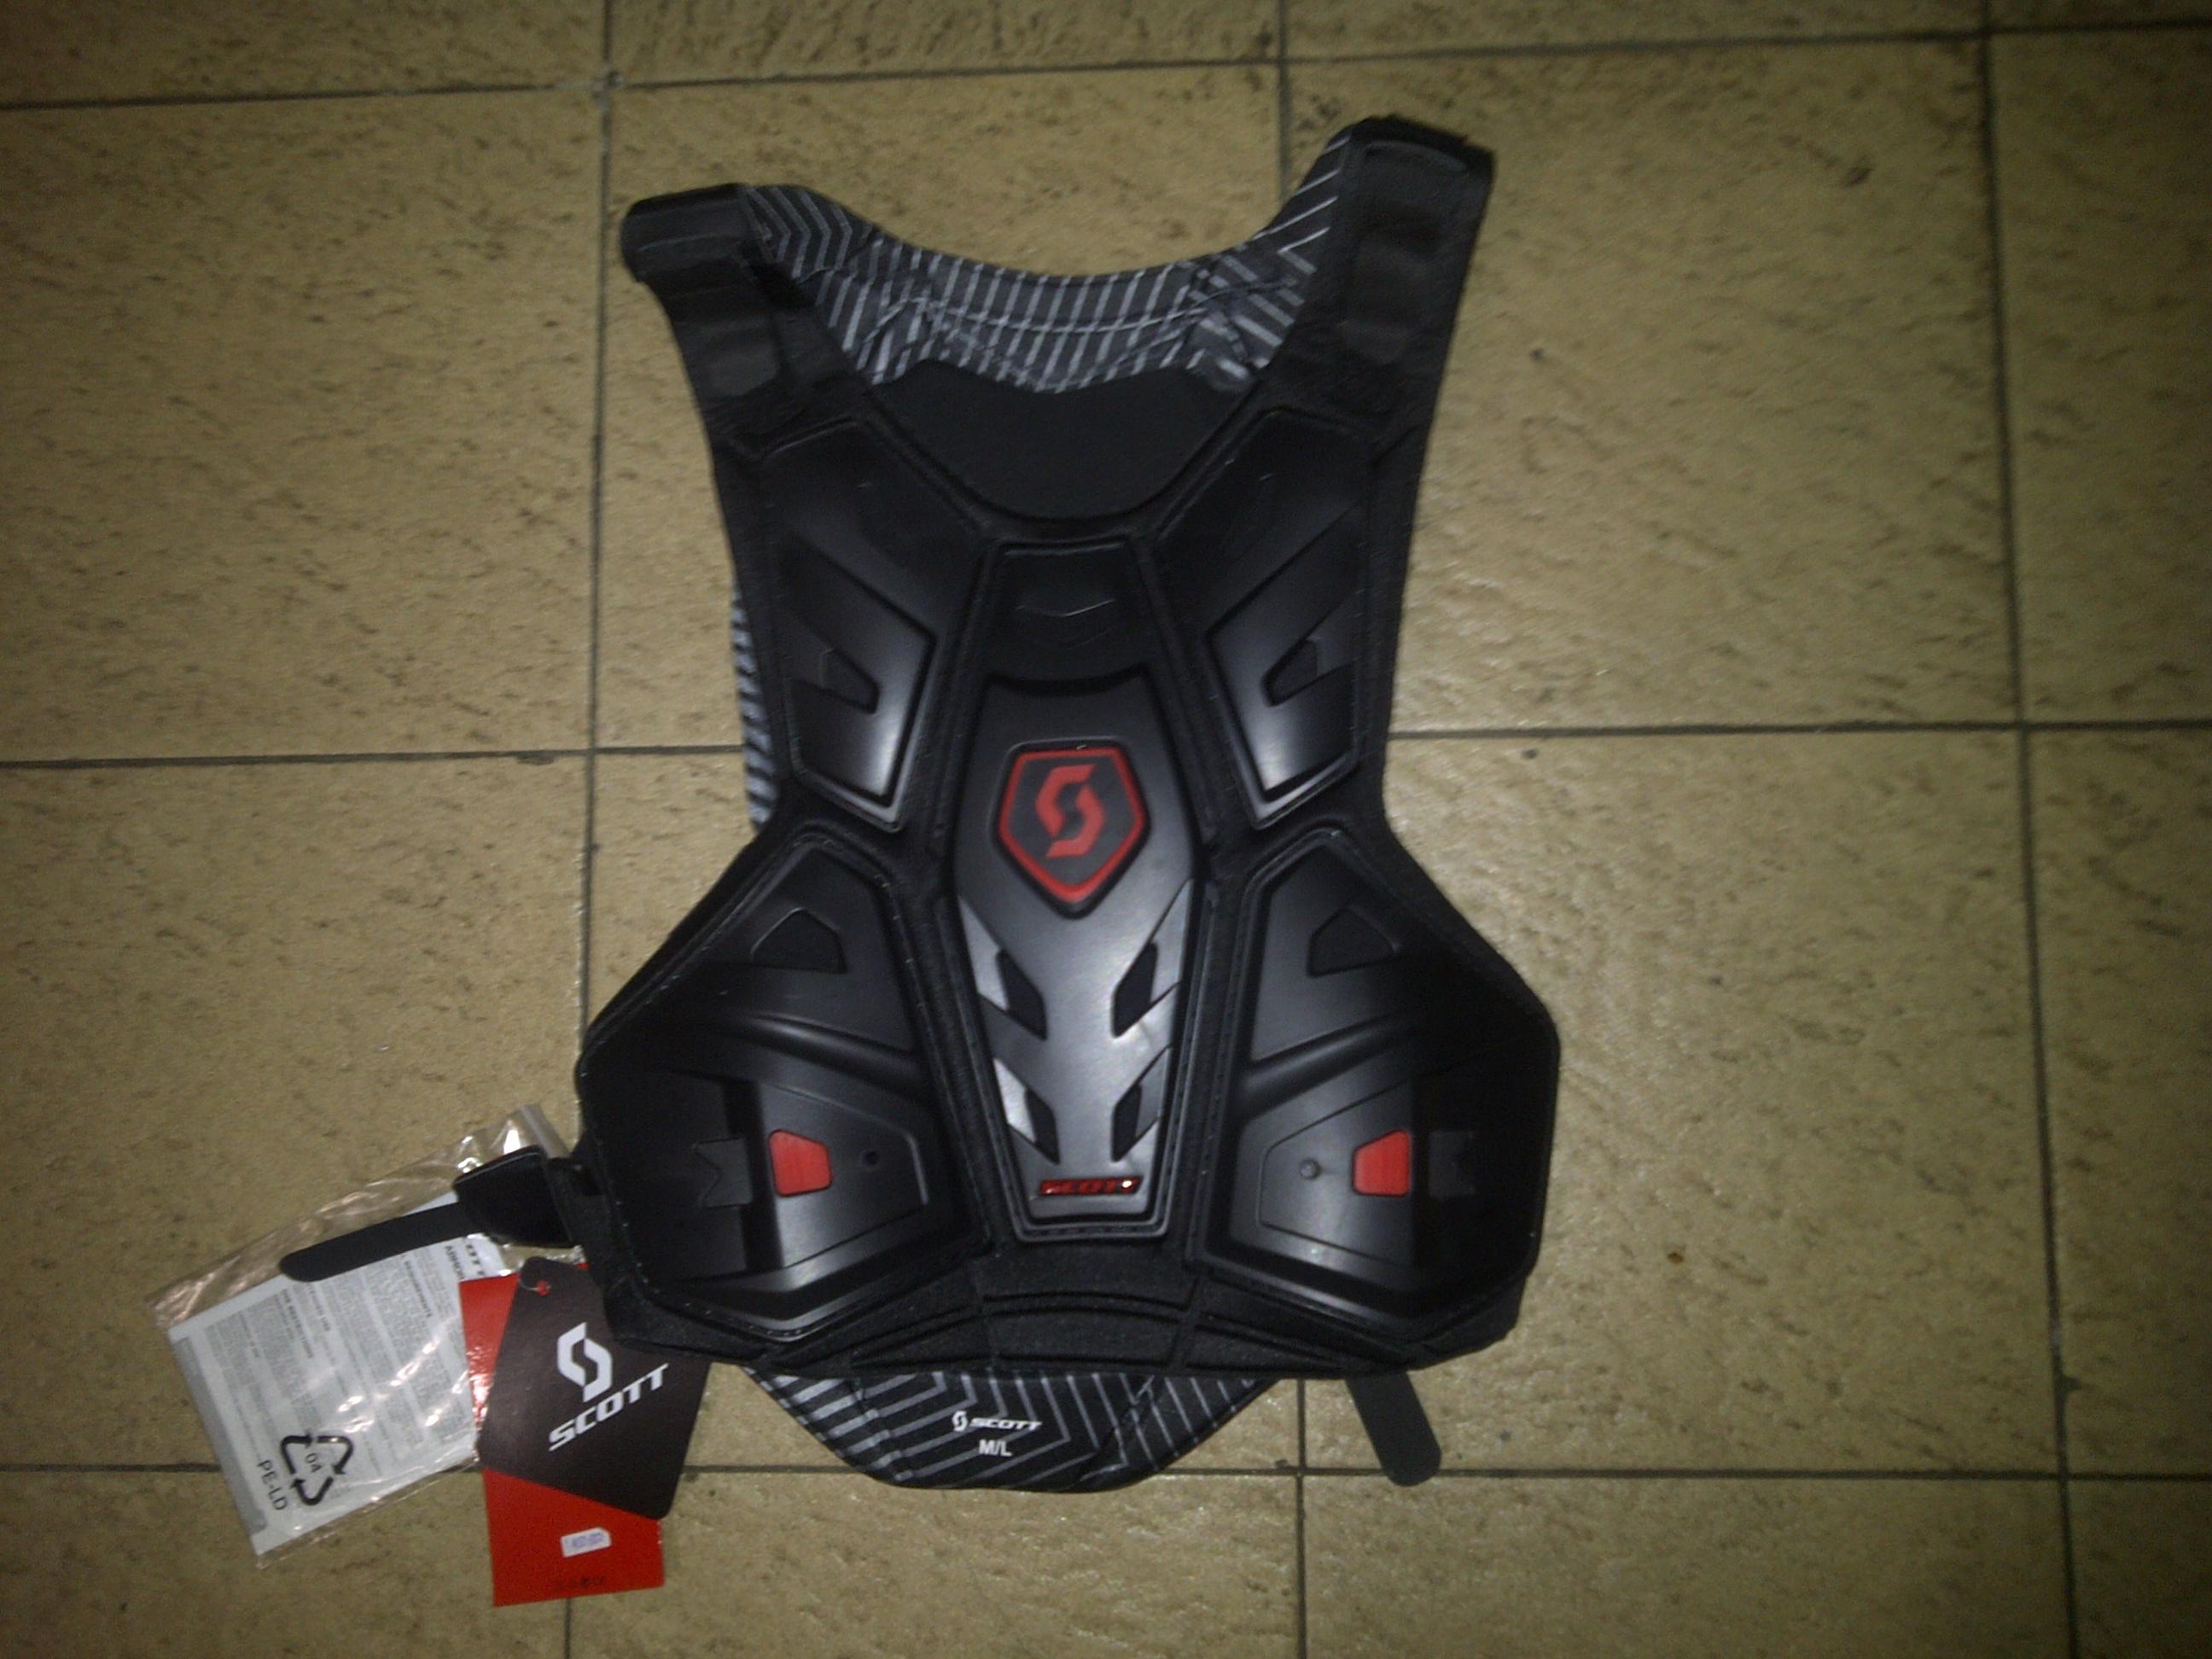 IMG 20130523 00347 Jual body protector   merk scot